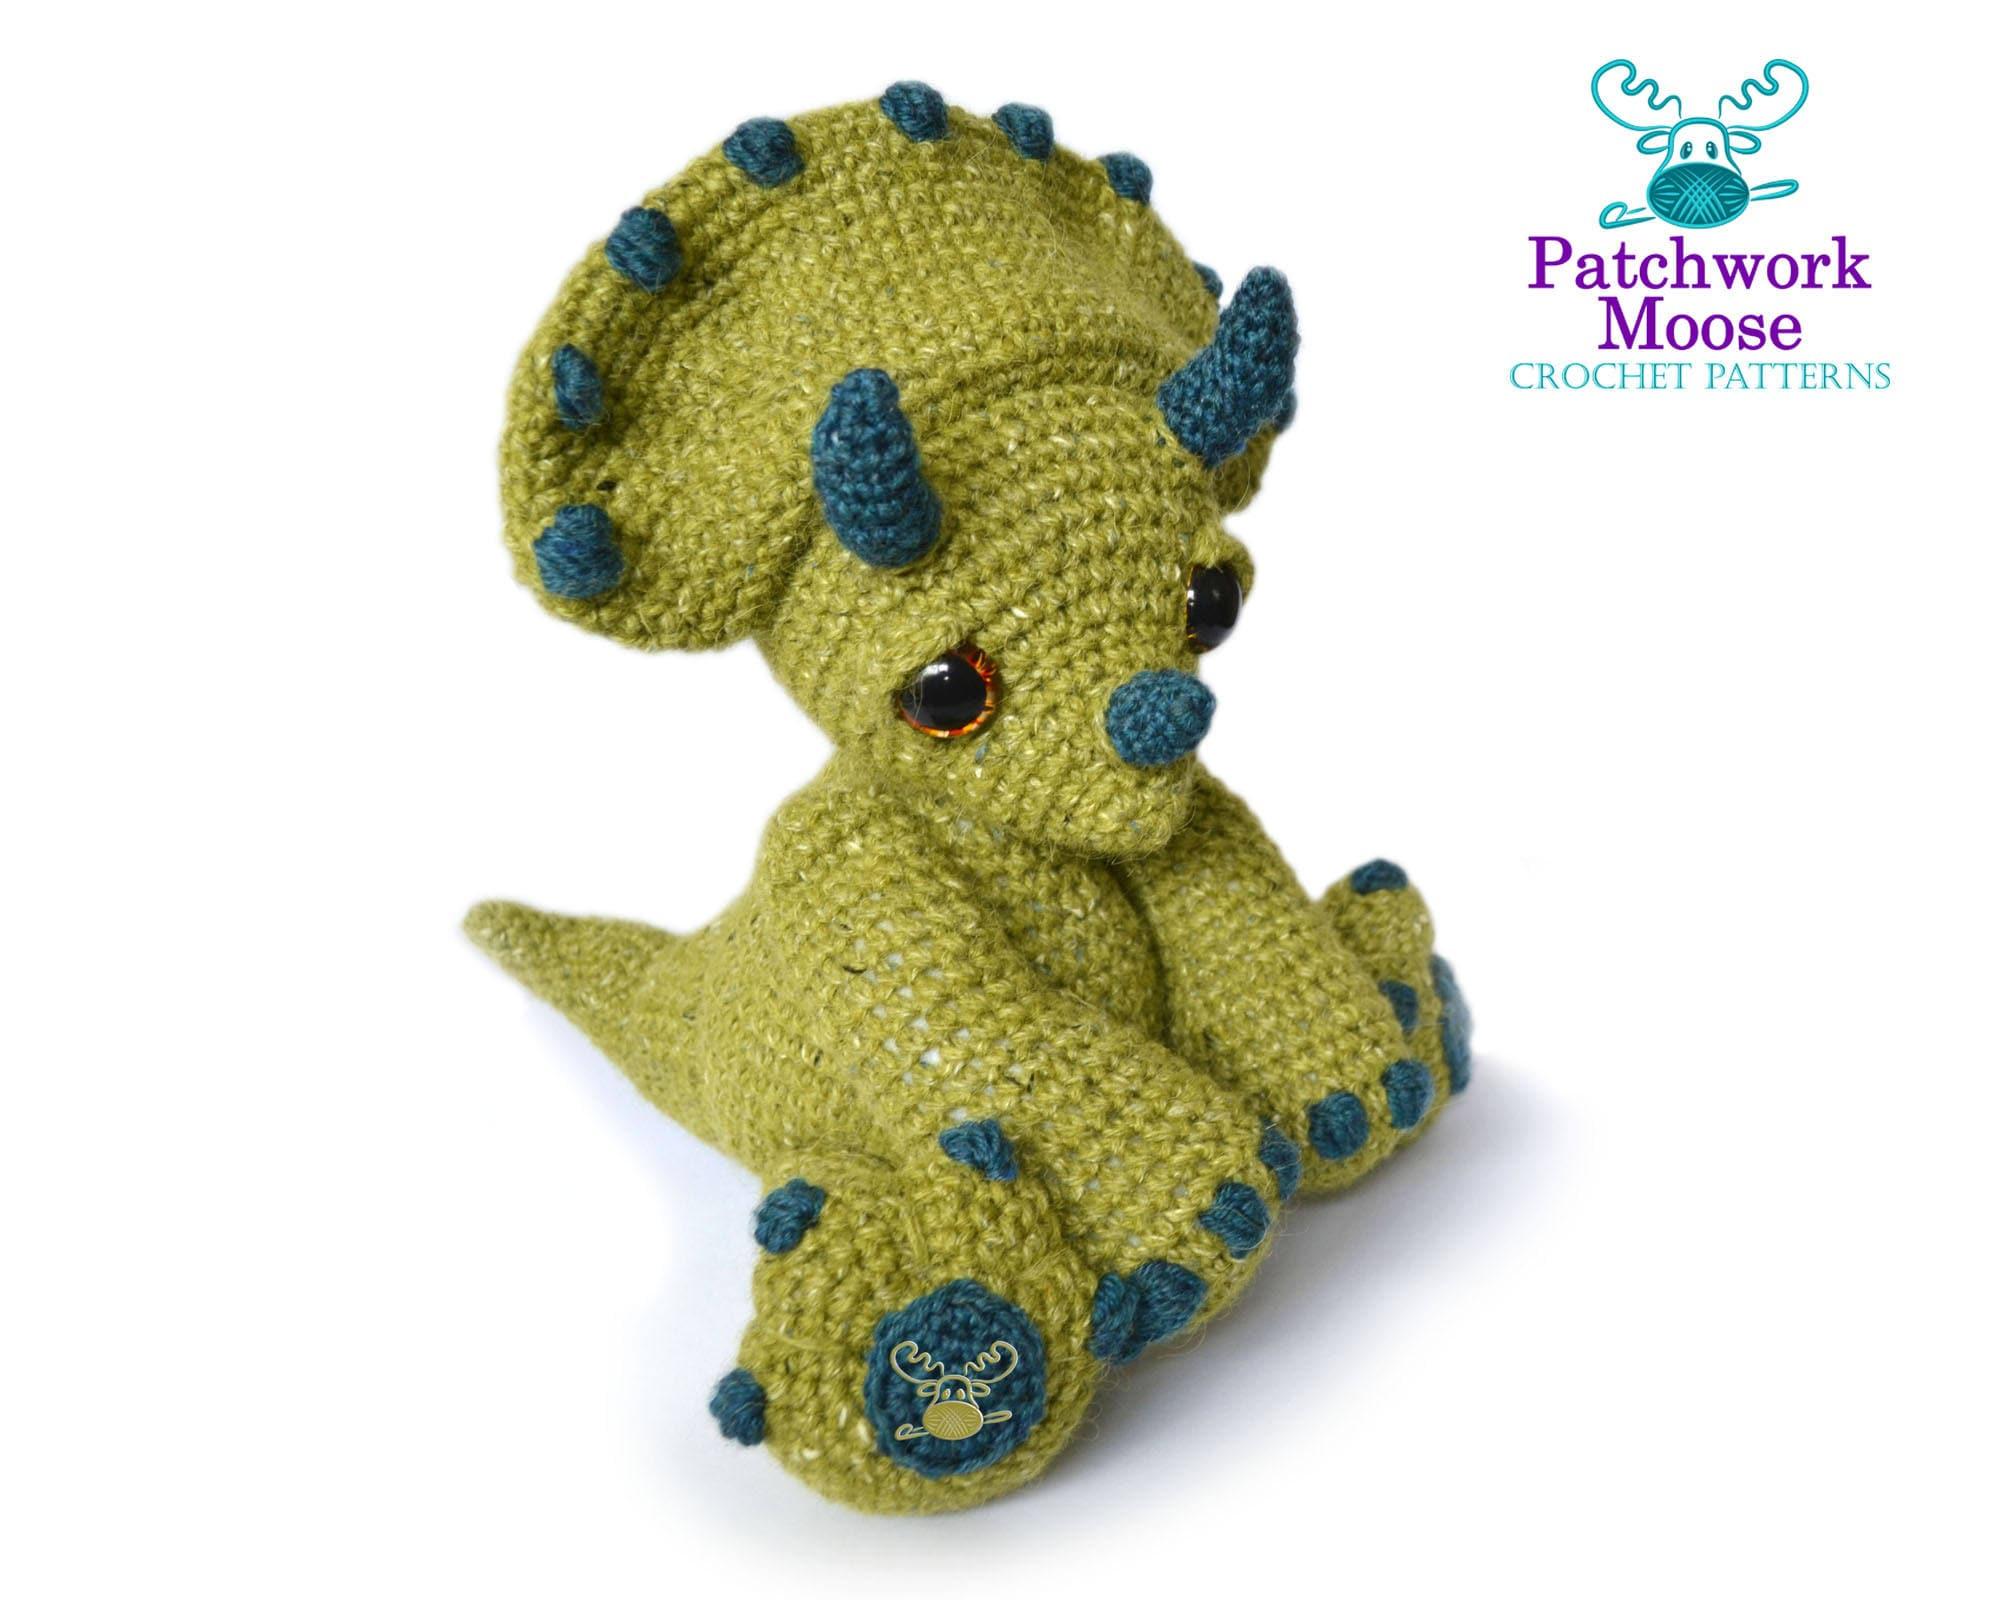 Dinosaurio Triceratops Amigurumi Crochet patrón instantánea   Etsy